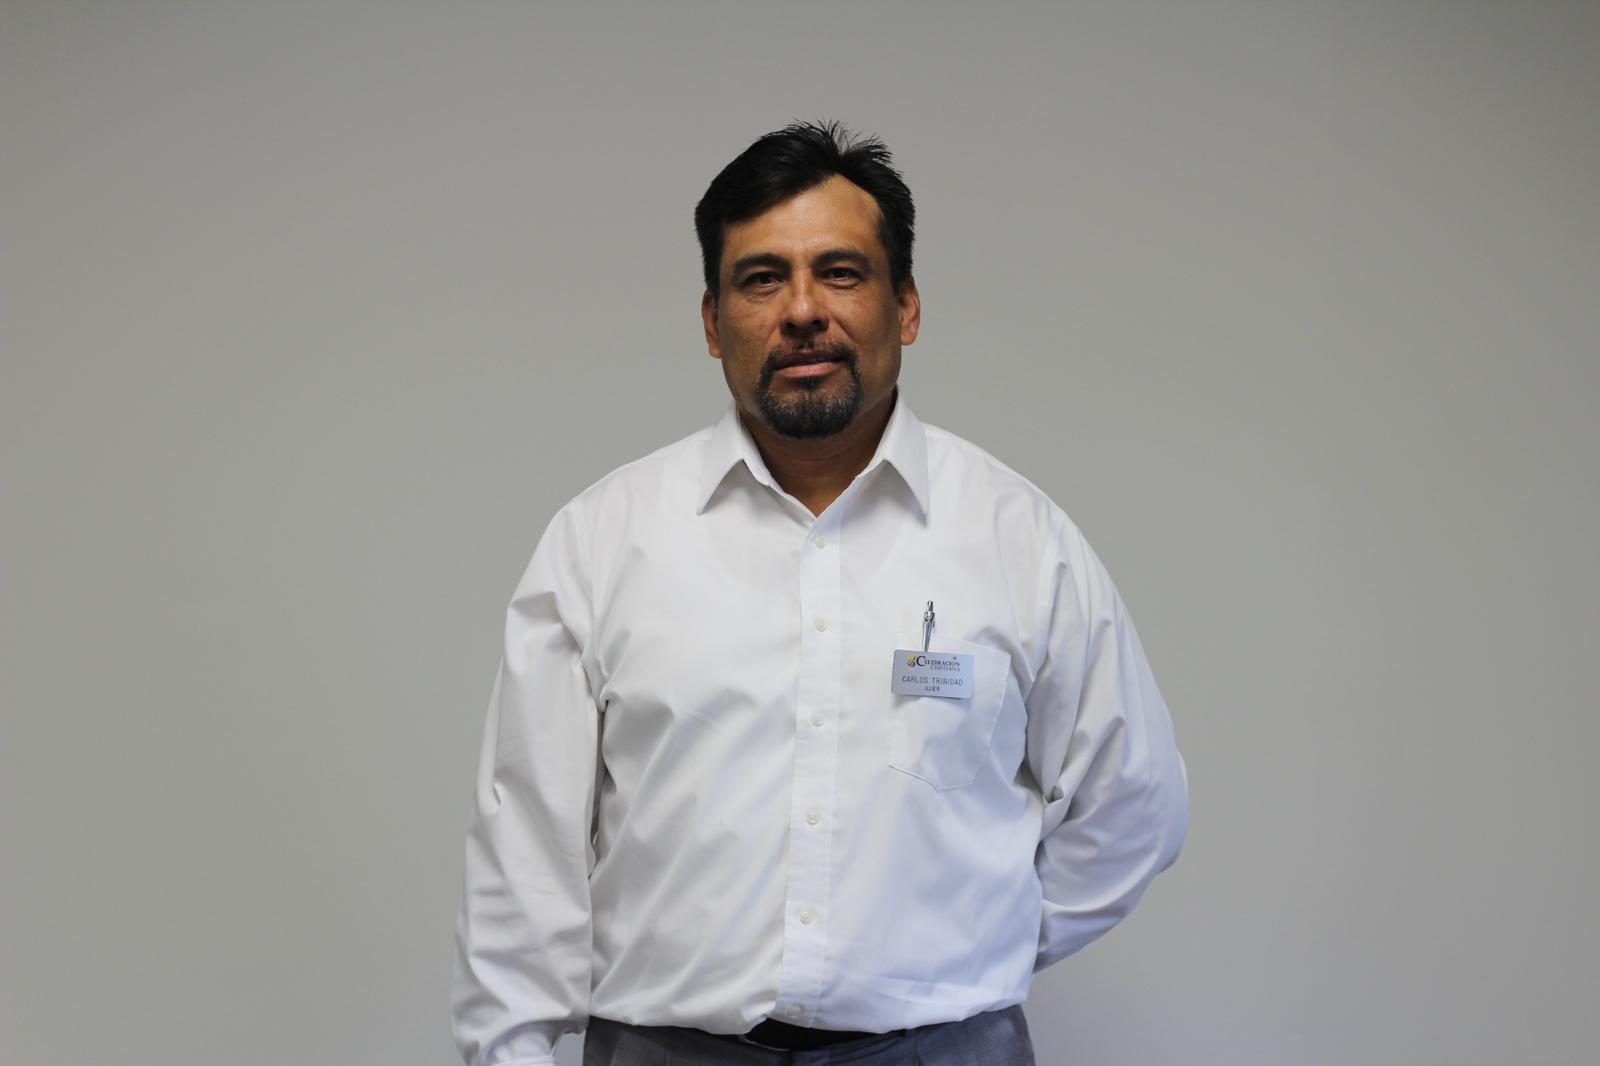 Carlos Trinidad